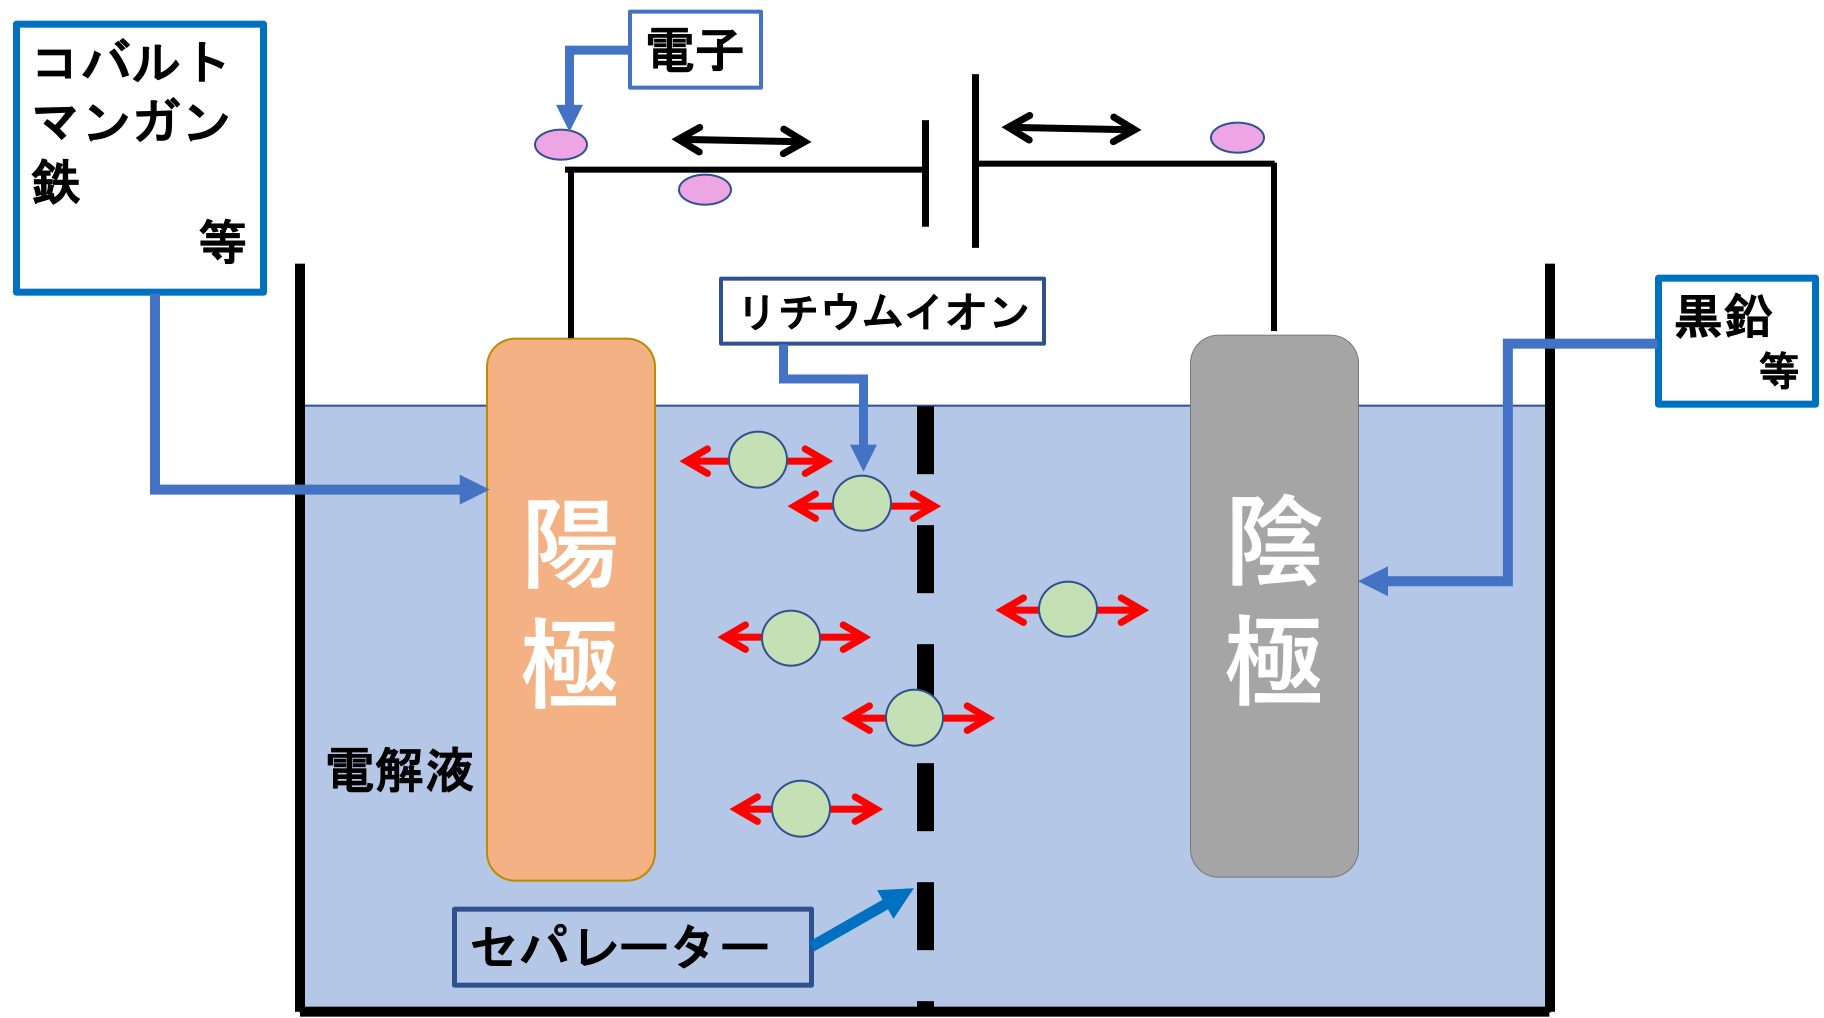 リチウムバッテリー構造